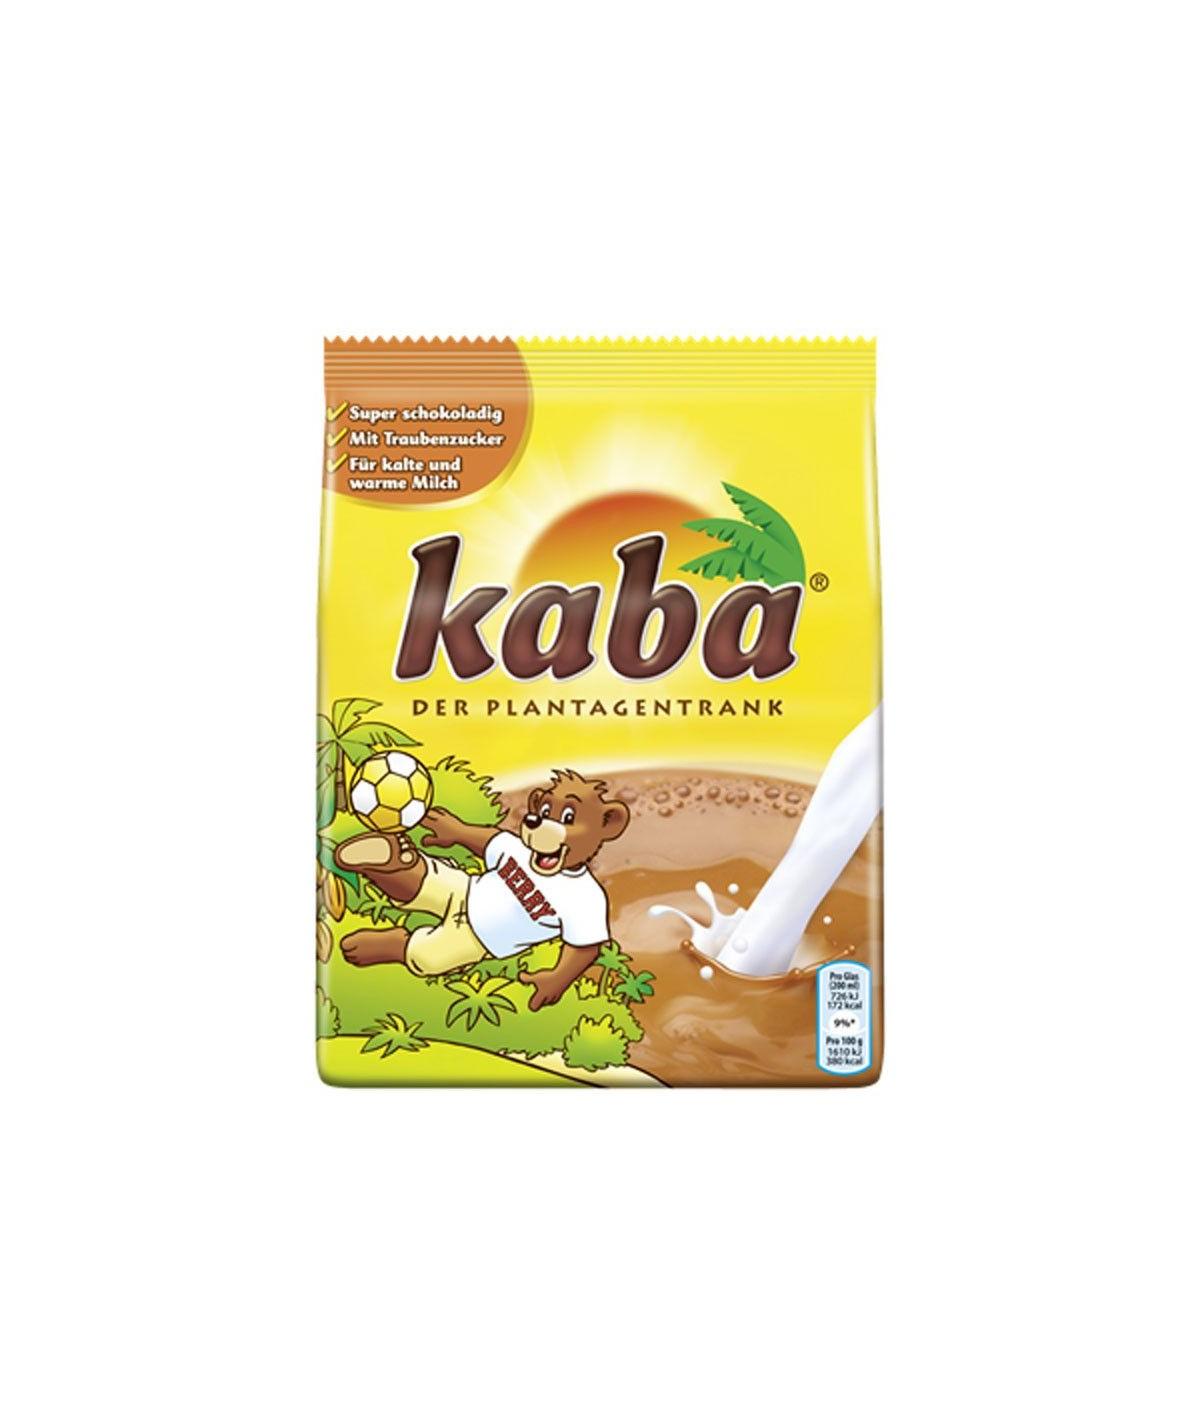 Kaba Original Schoko 500 g